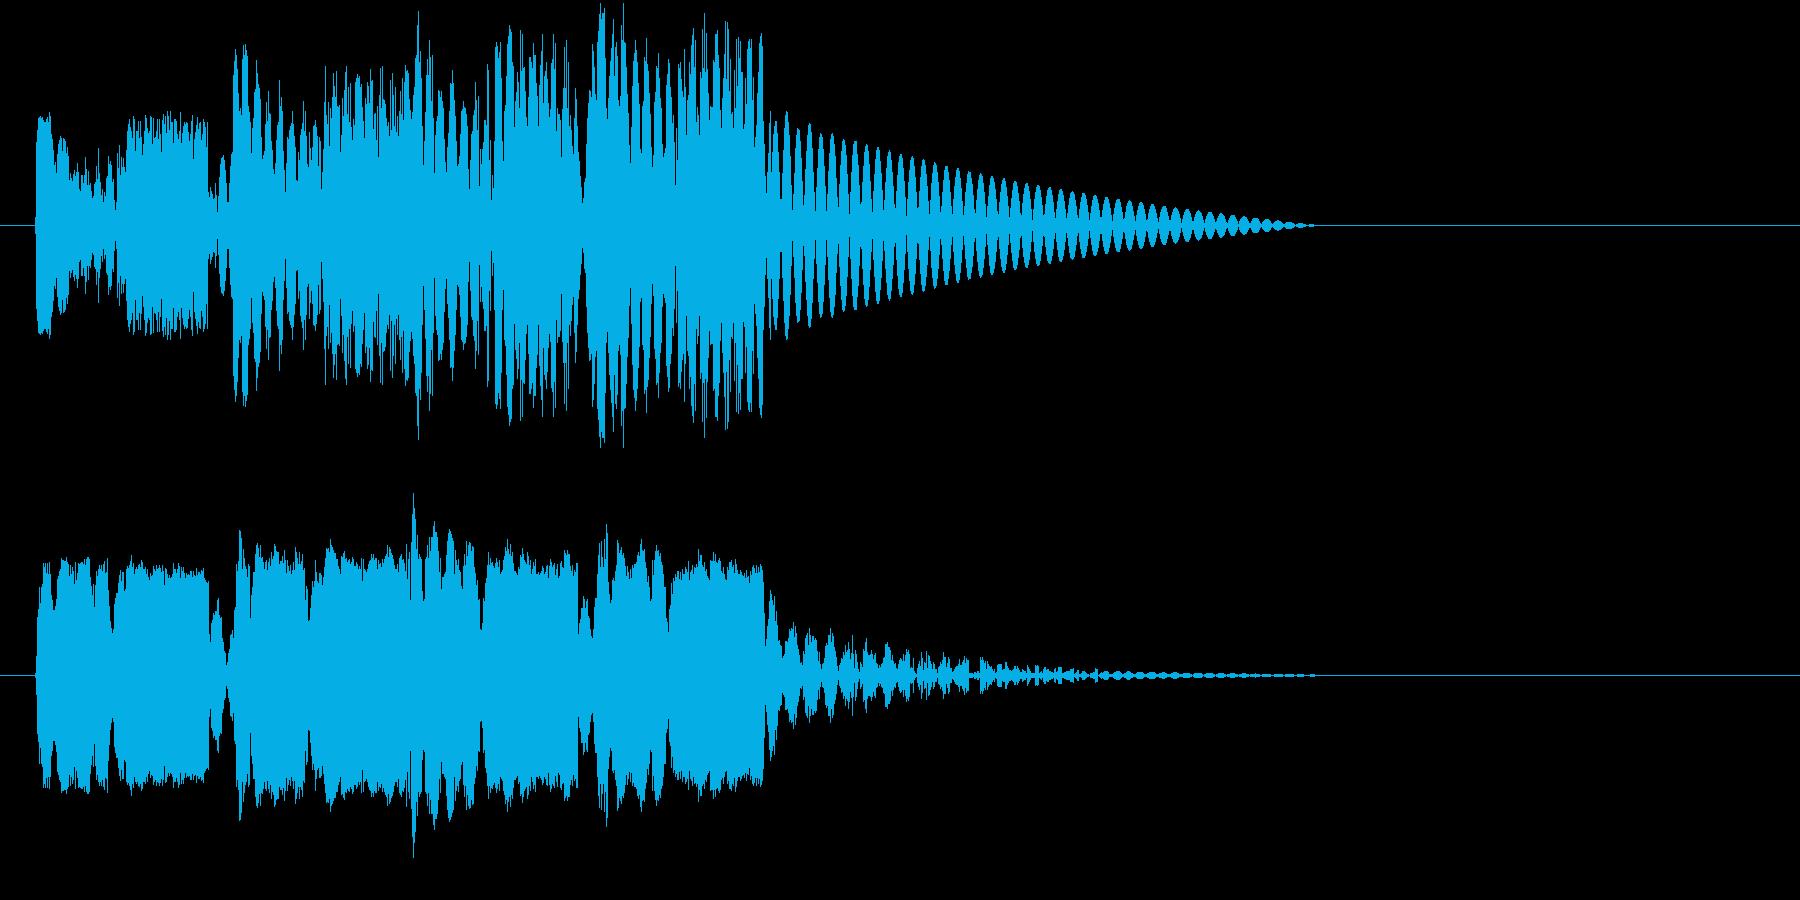 ロボットサウンド 機械音10の再生済みの波形